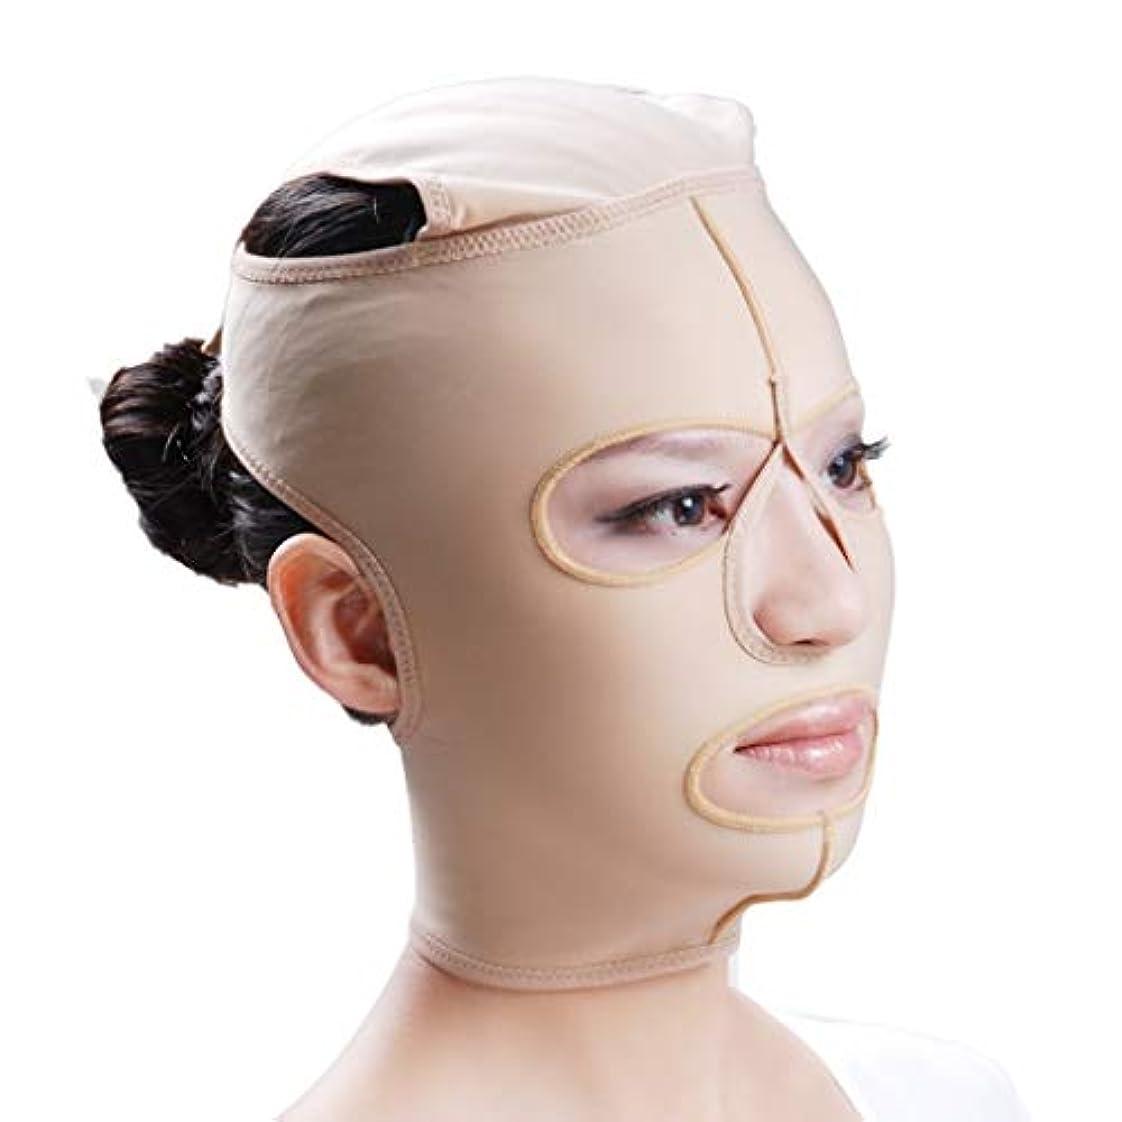 再生おとなしいアソシエイトフェイスリフトマスク、フルフェイスマスク後の顔の脂肪吸引医療グレードの圧力顔ダブルチンプラスチック脂肪吸引弾性包帯ヘッドギアマルチコードオプション (Size : S)